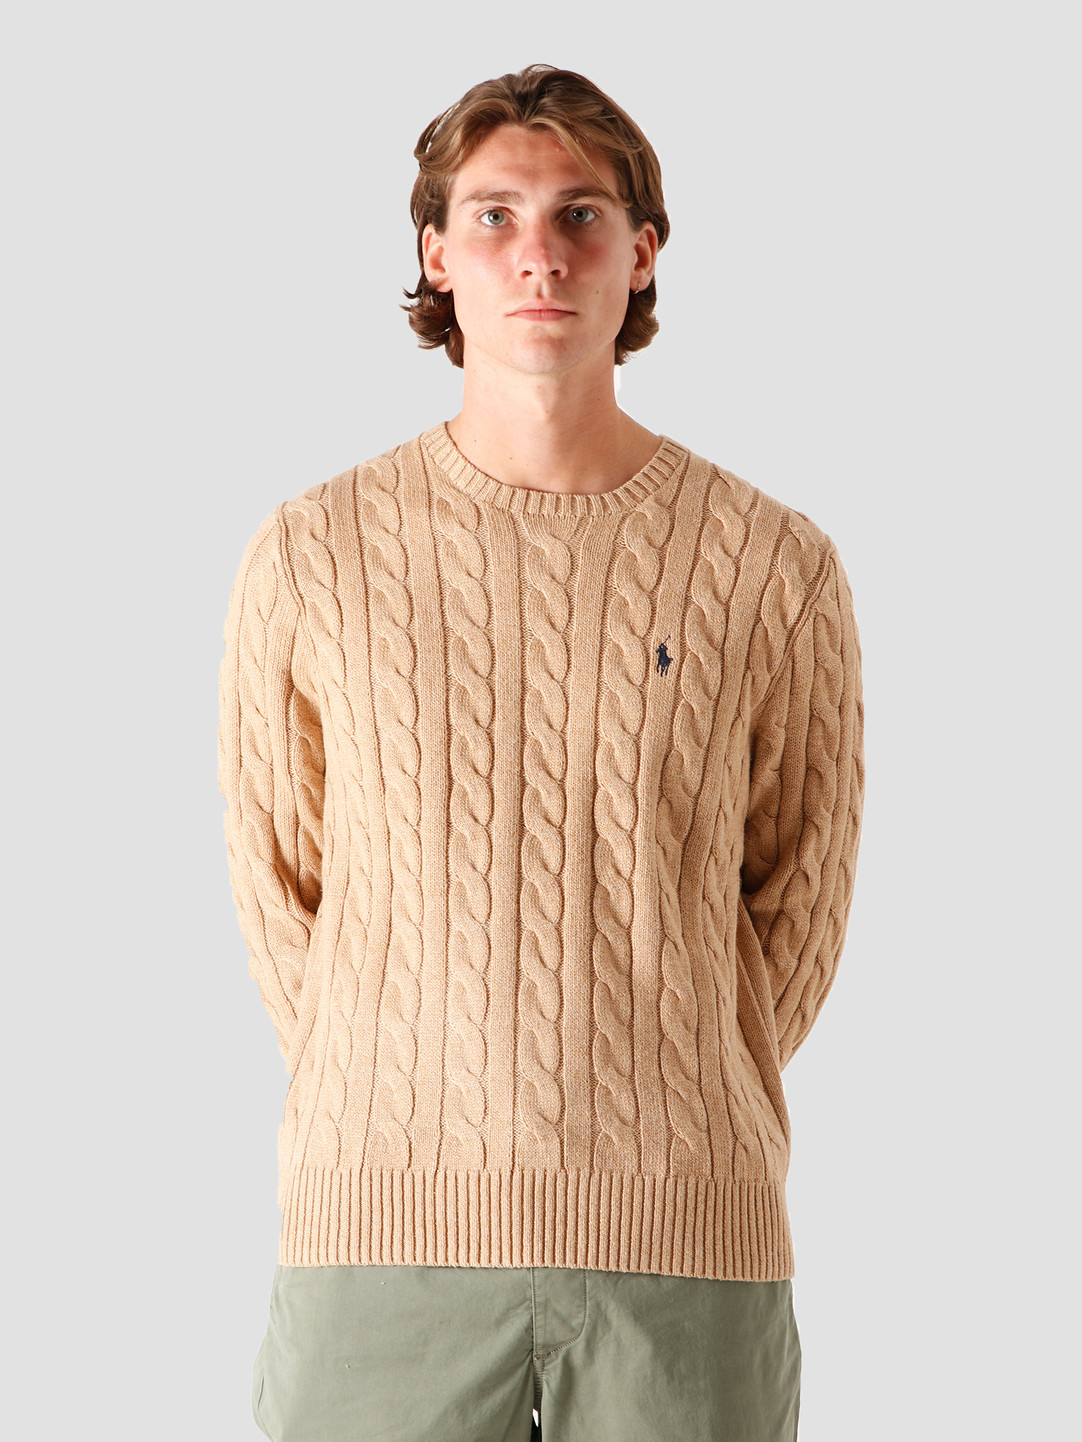 Polo Ralph Lauren Polo Ralph Lauren Driver CN Knitted Sweater Camel Melange 710775885014